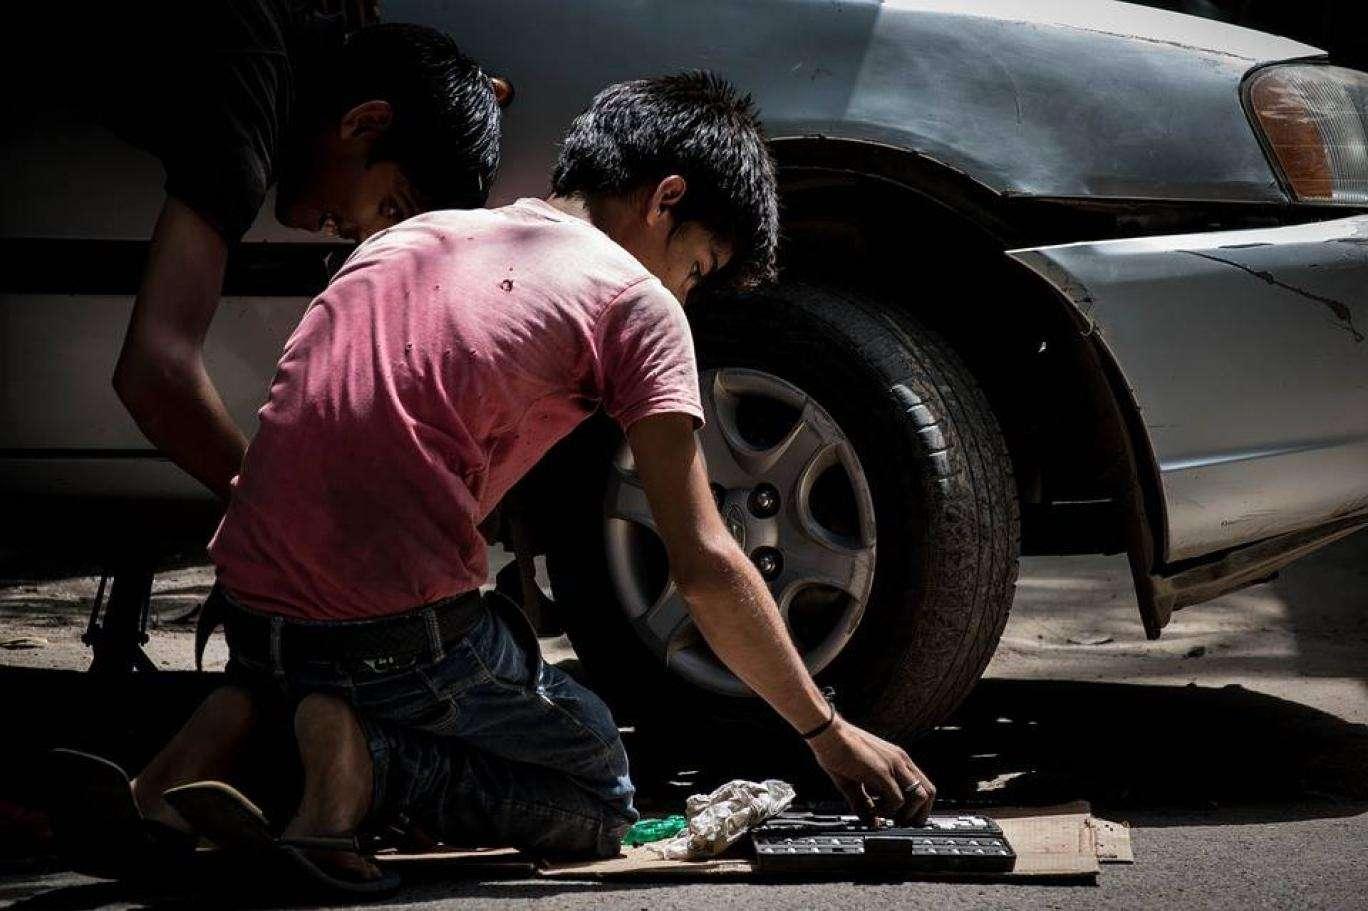 رَهَق الصغار: ظروف قاسية لعمالة أطفال سوريا في الأردن